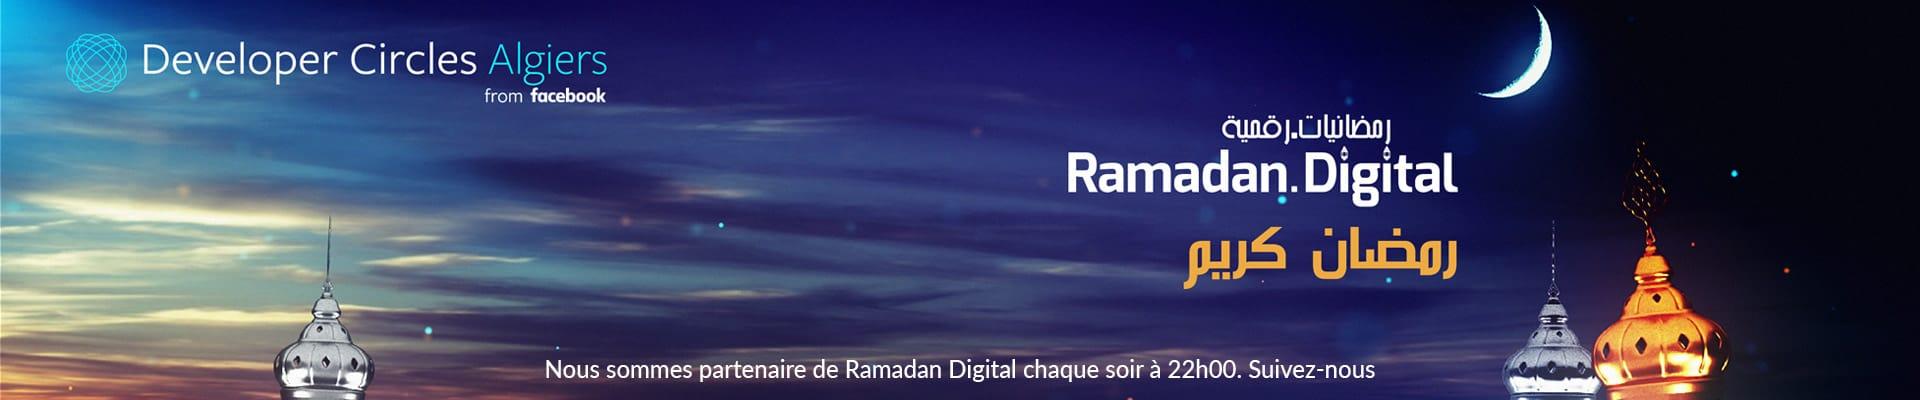 Ramadan Digital 2019